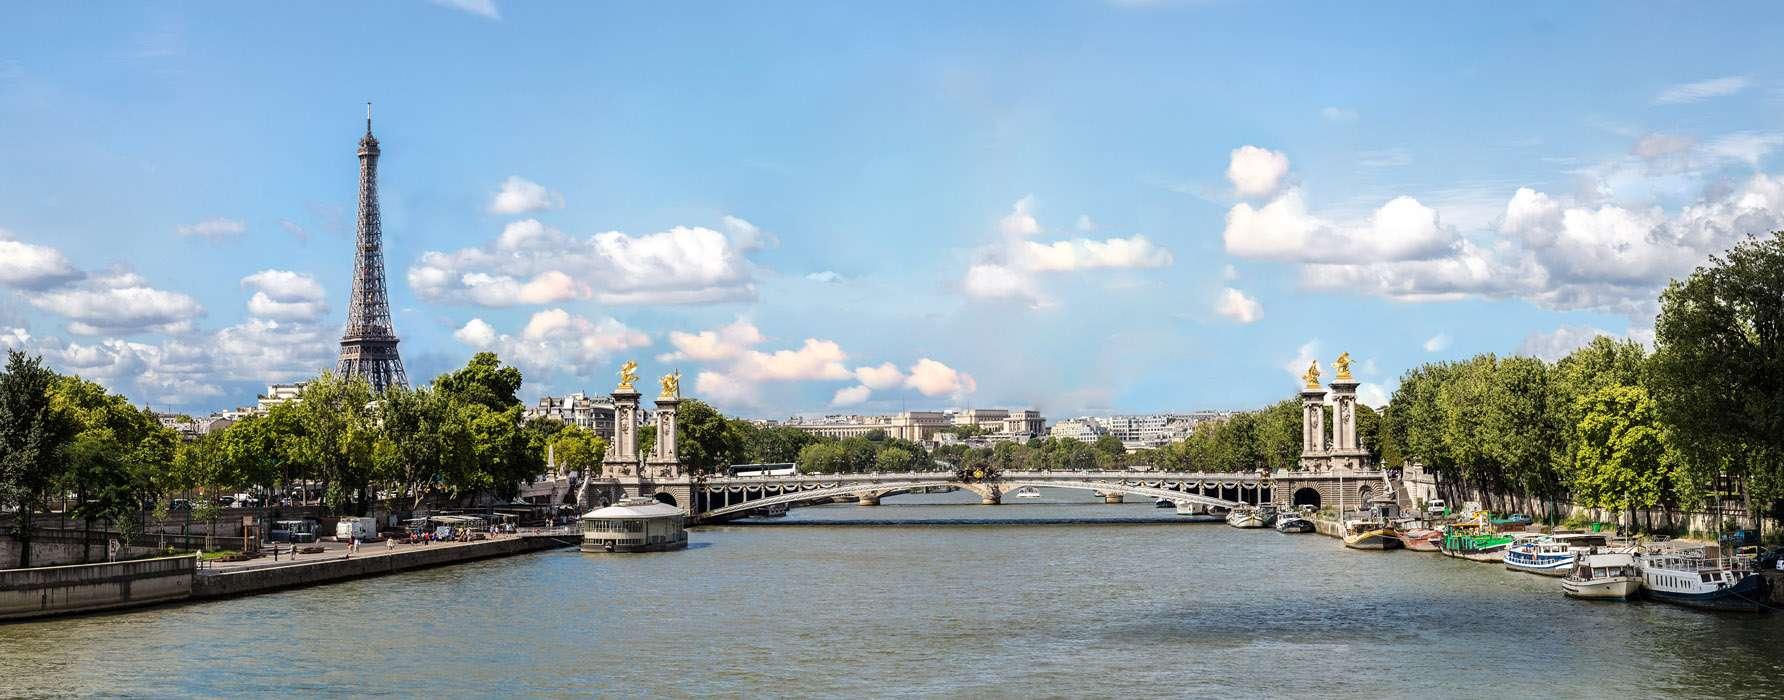 Pont Alexandre III et la Tour Eiffel